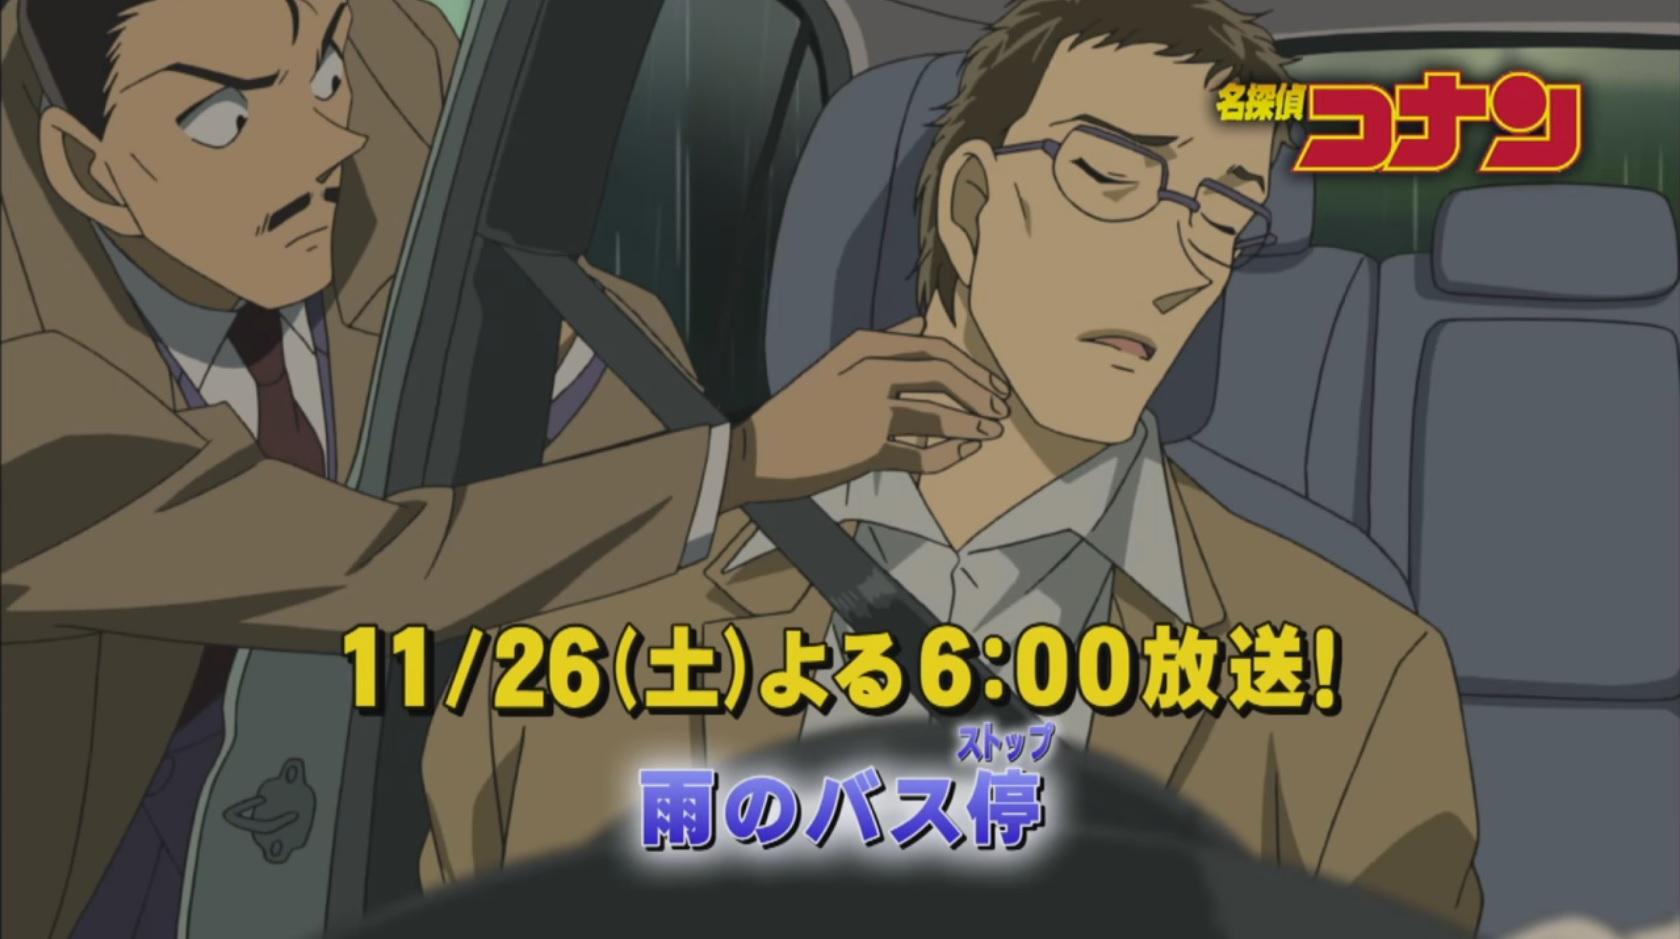 Vorschau auf Episode 841